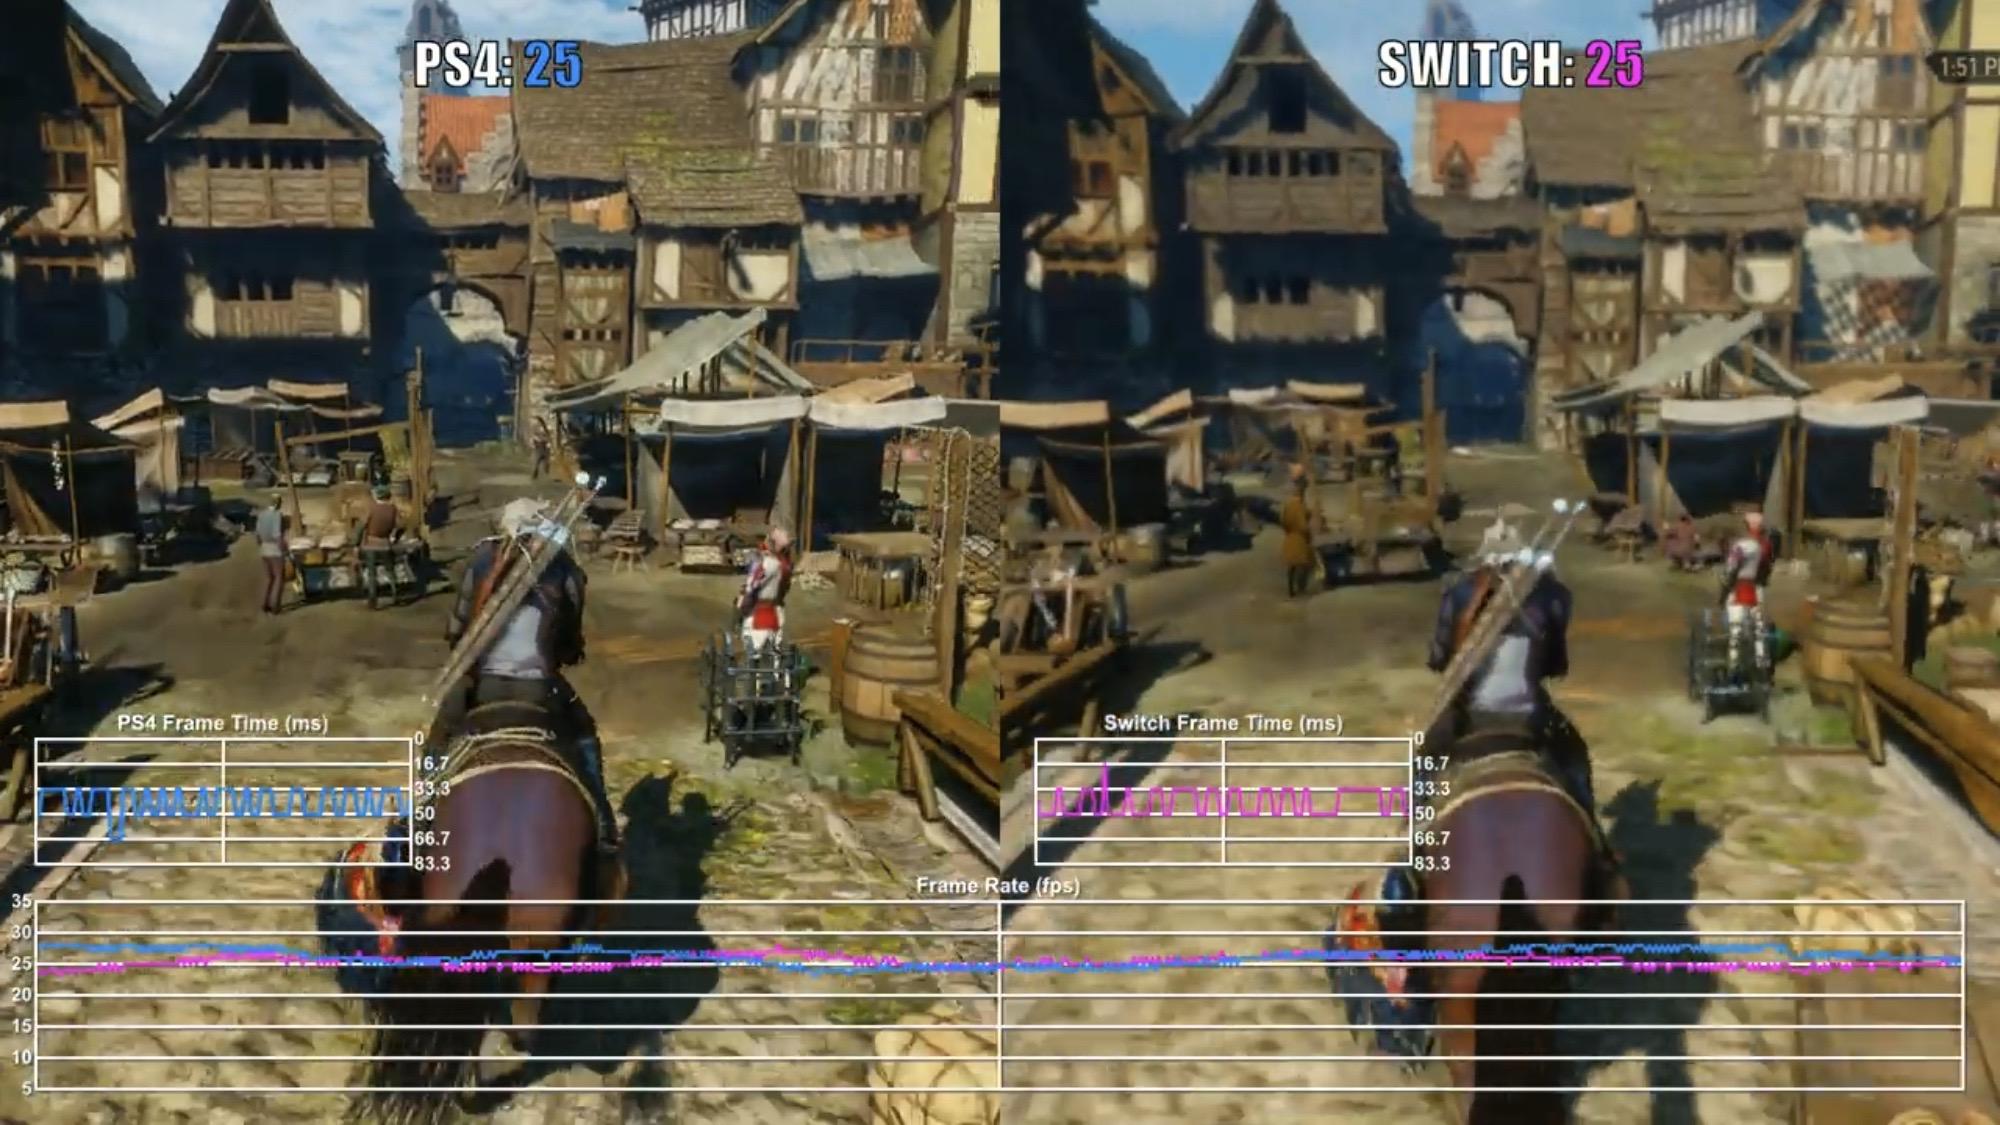 UG7Ym14 - ウィッチャー3のSwitch vs PS4のフレームレート比較が到着。30fpsで安定していることが判明!